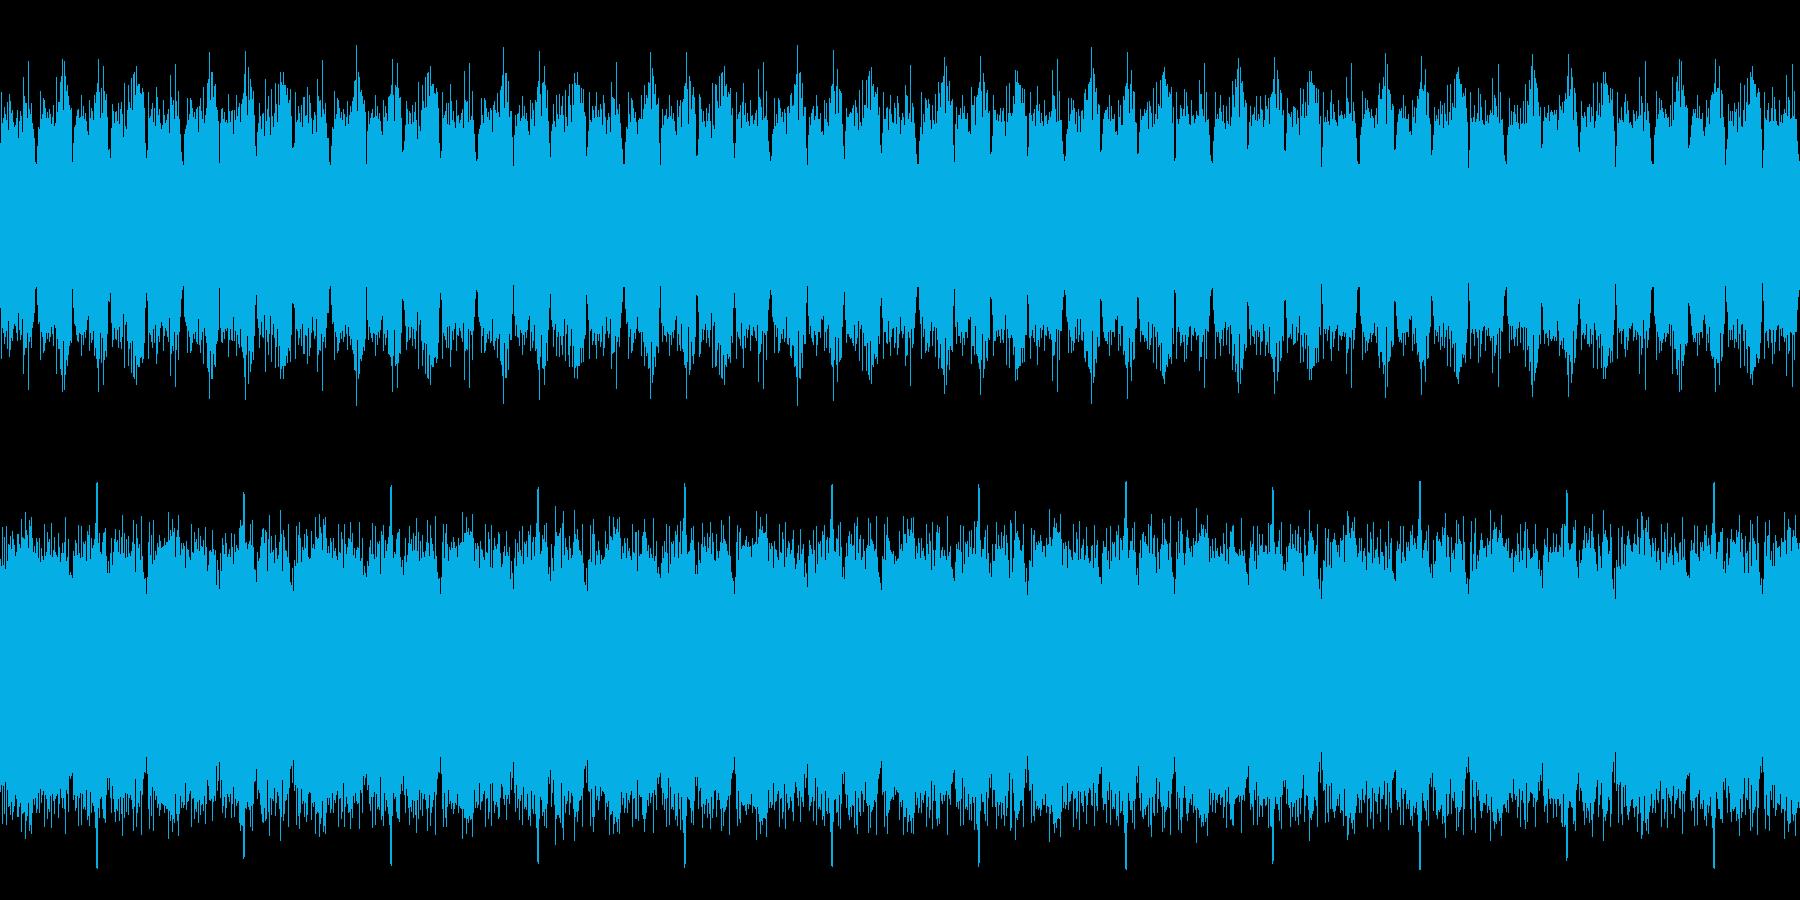 ホラー、不気味なストリングスの再生済みの波形